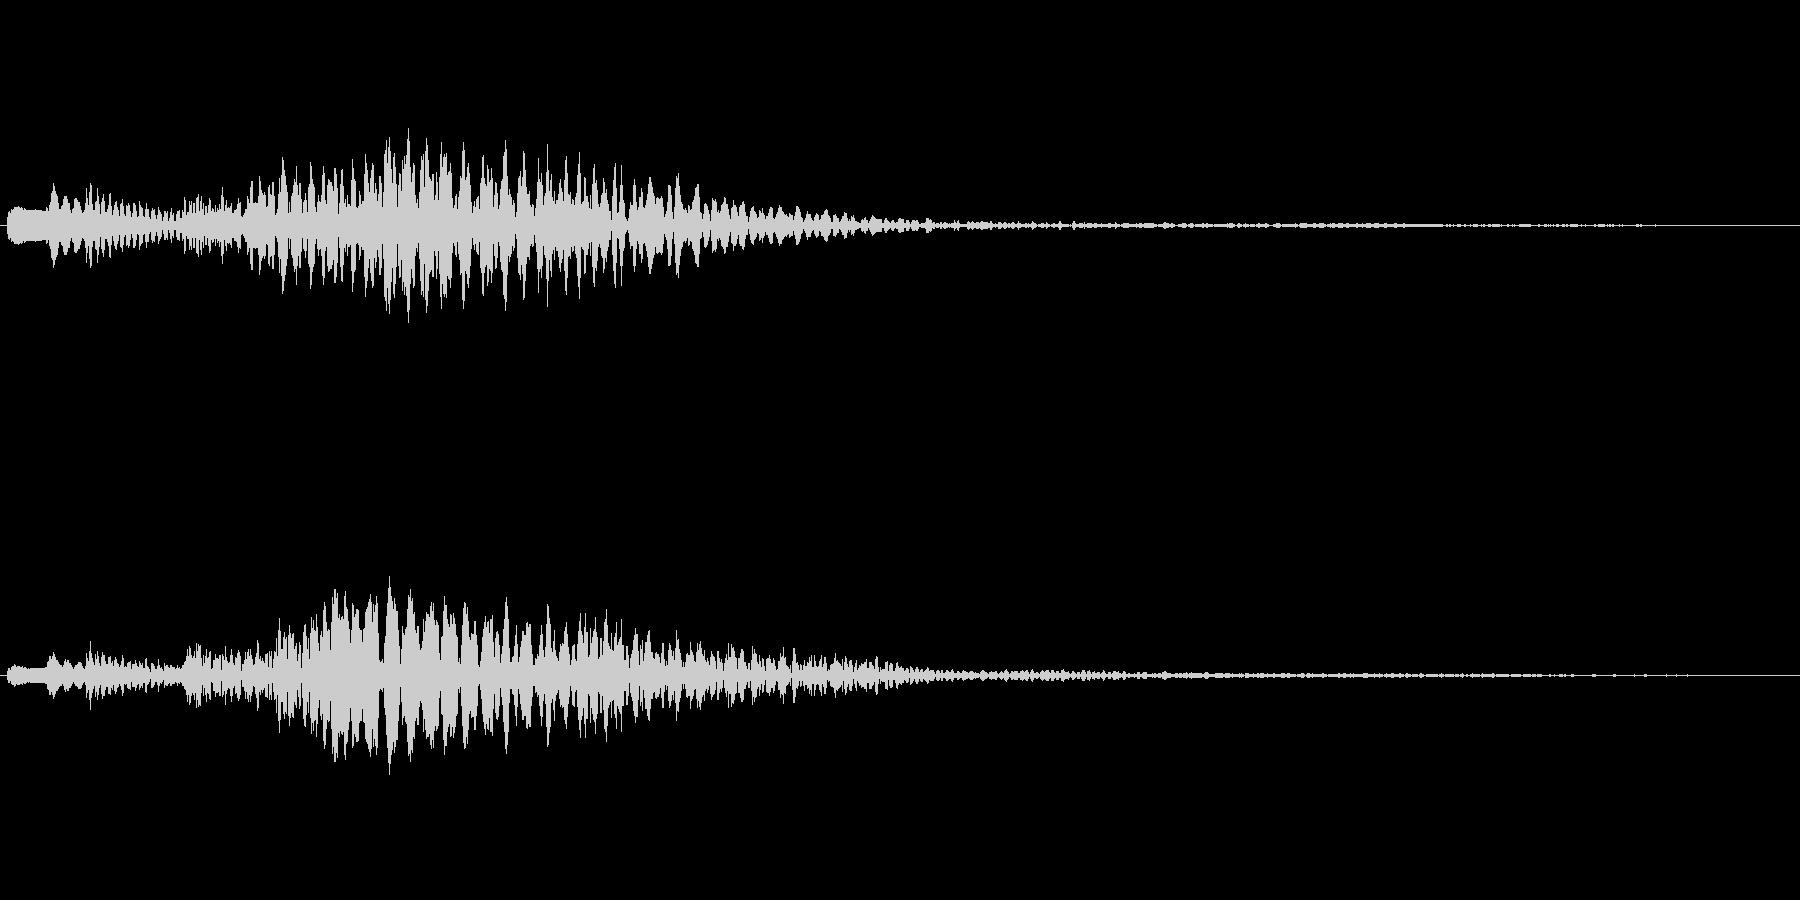 ハープの下降フレーズ(豪華な場面転換)の未再生の波形